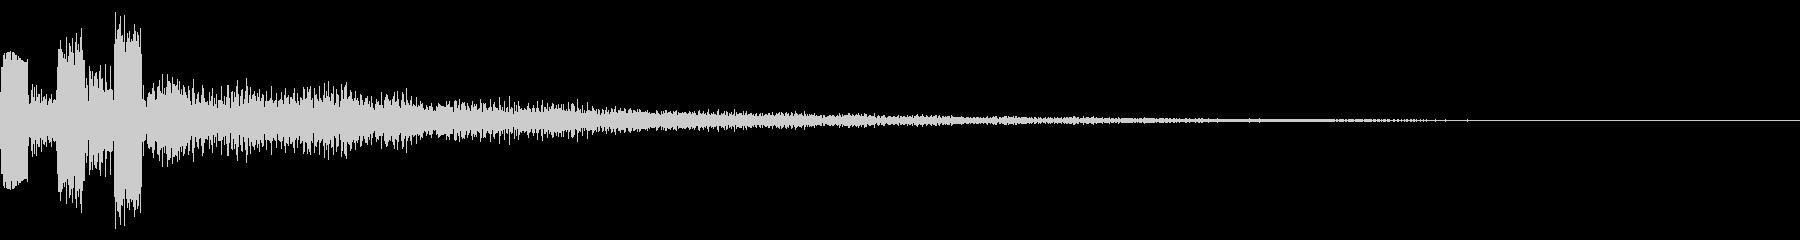 キラキラ/連鎖/コンボ/7回目の未再生の波形